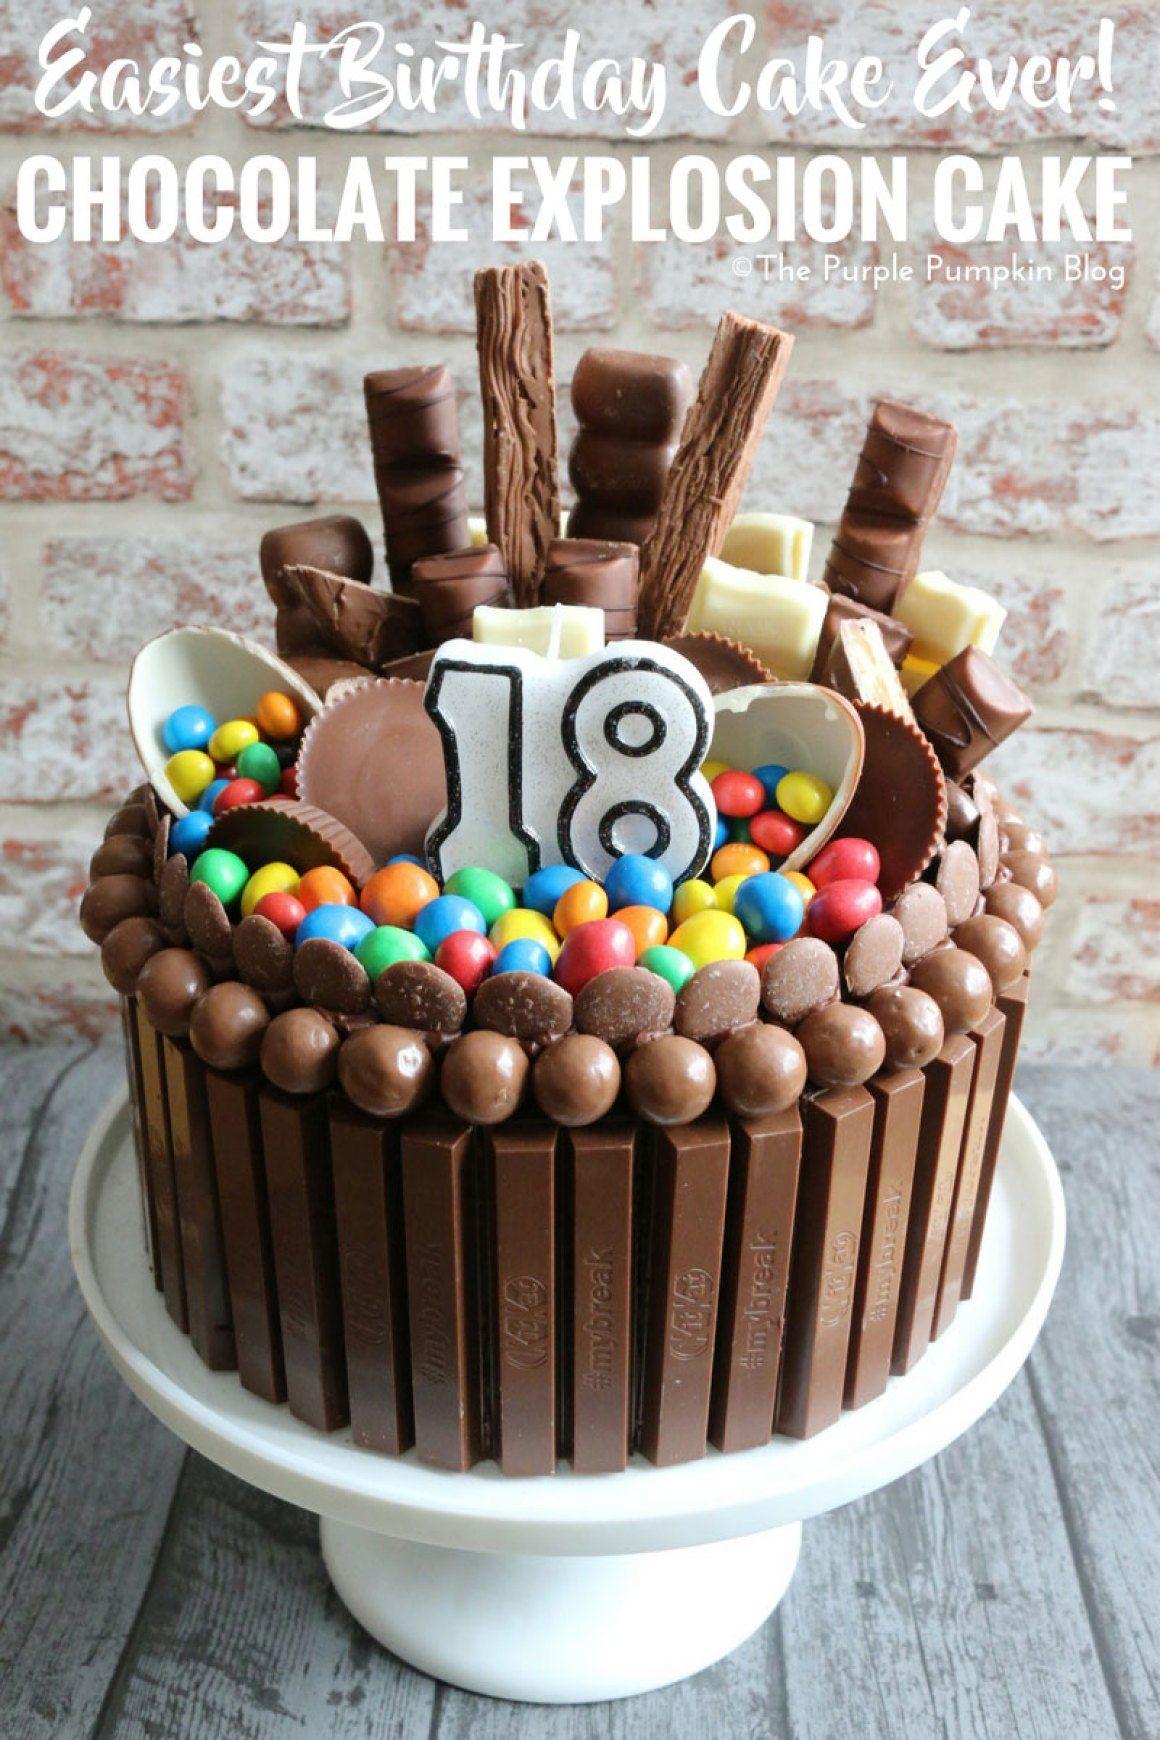 Pleasing Chocolate Cake Recipe Chocolate Explosion Cake Birthday Cake Personalised Birthday Cards Paralily Jamesorg